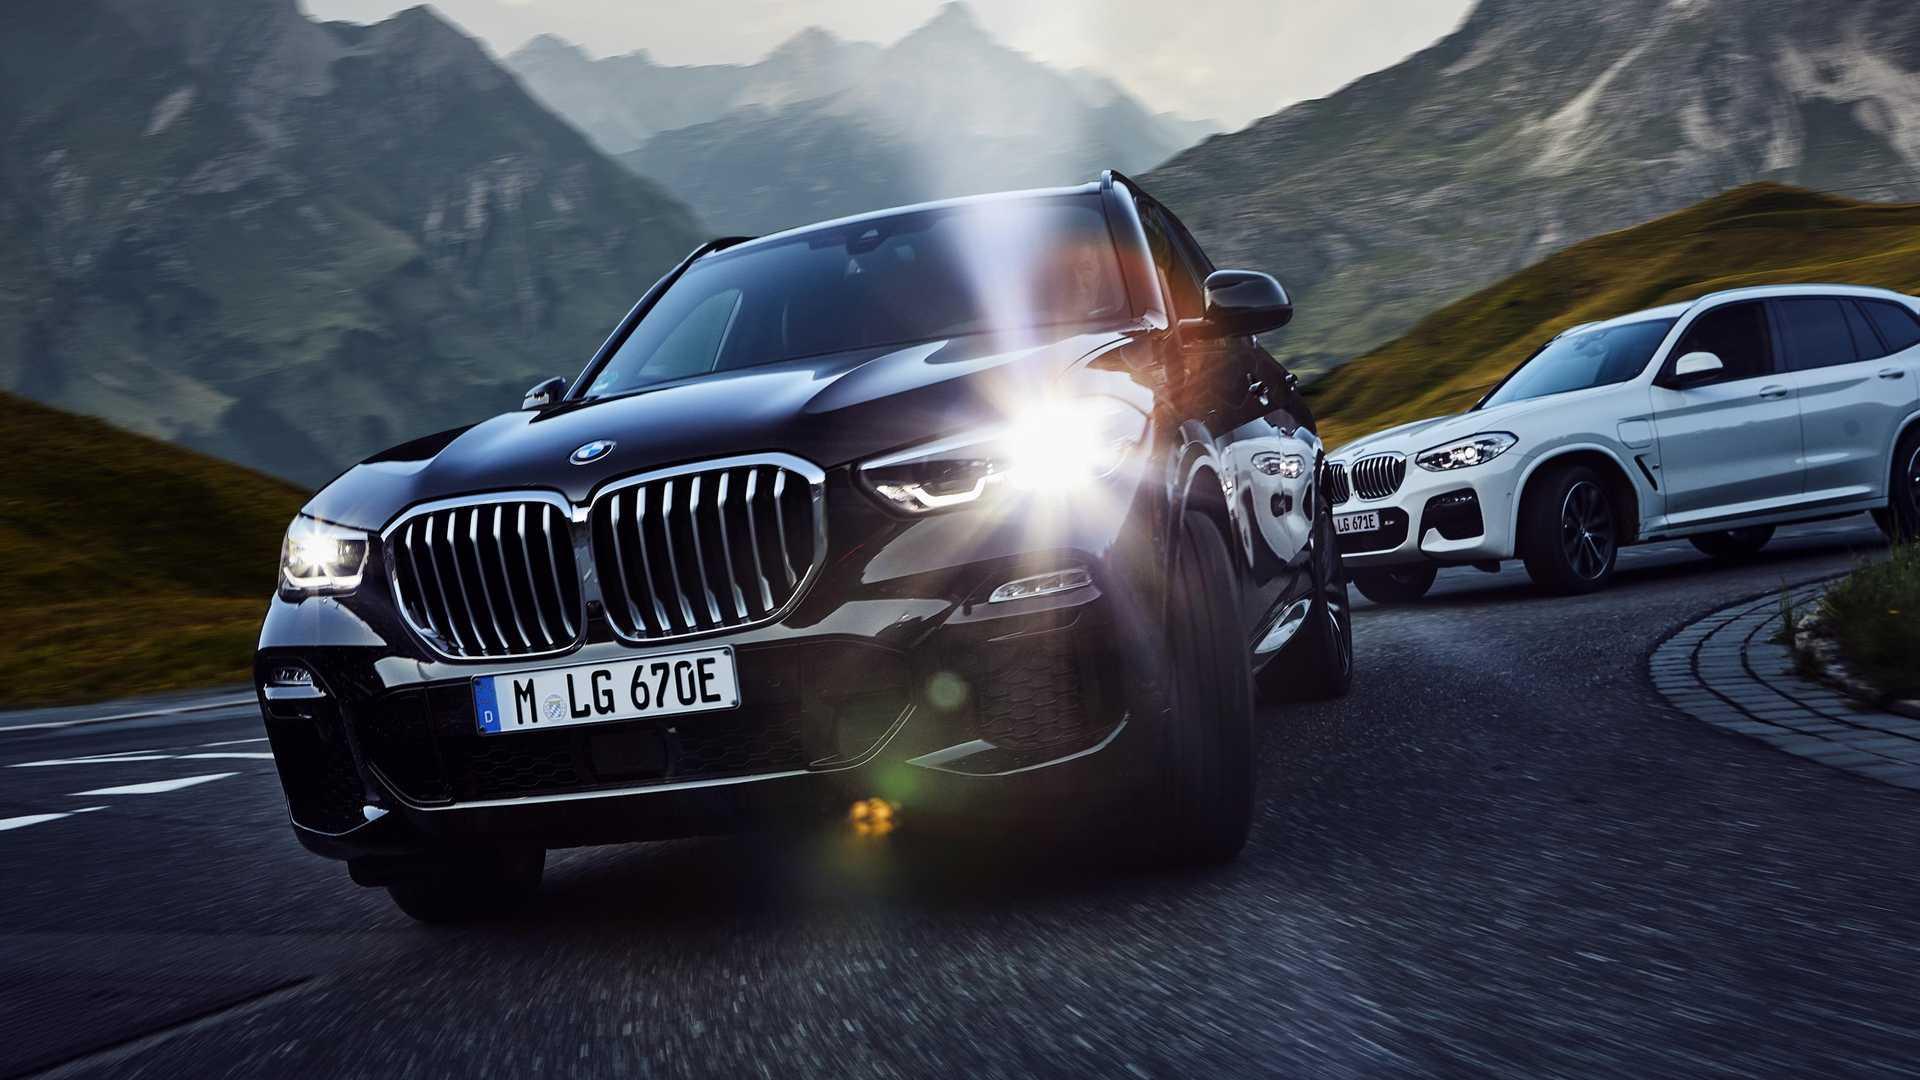 خودروی بیامو X3 xDrive30e، اتومبیل کارامد و جذاب BMW +تصاویر